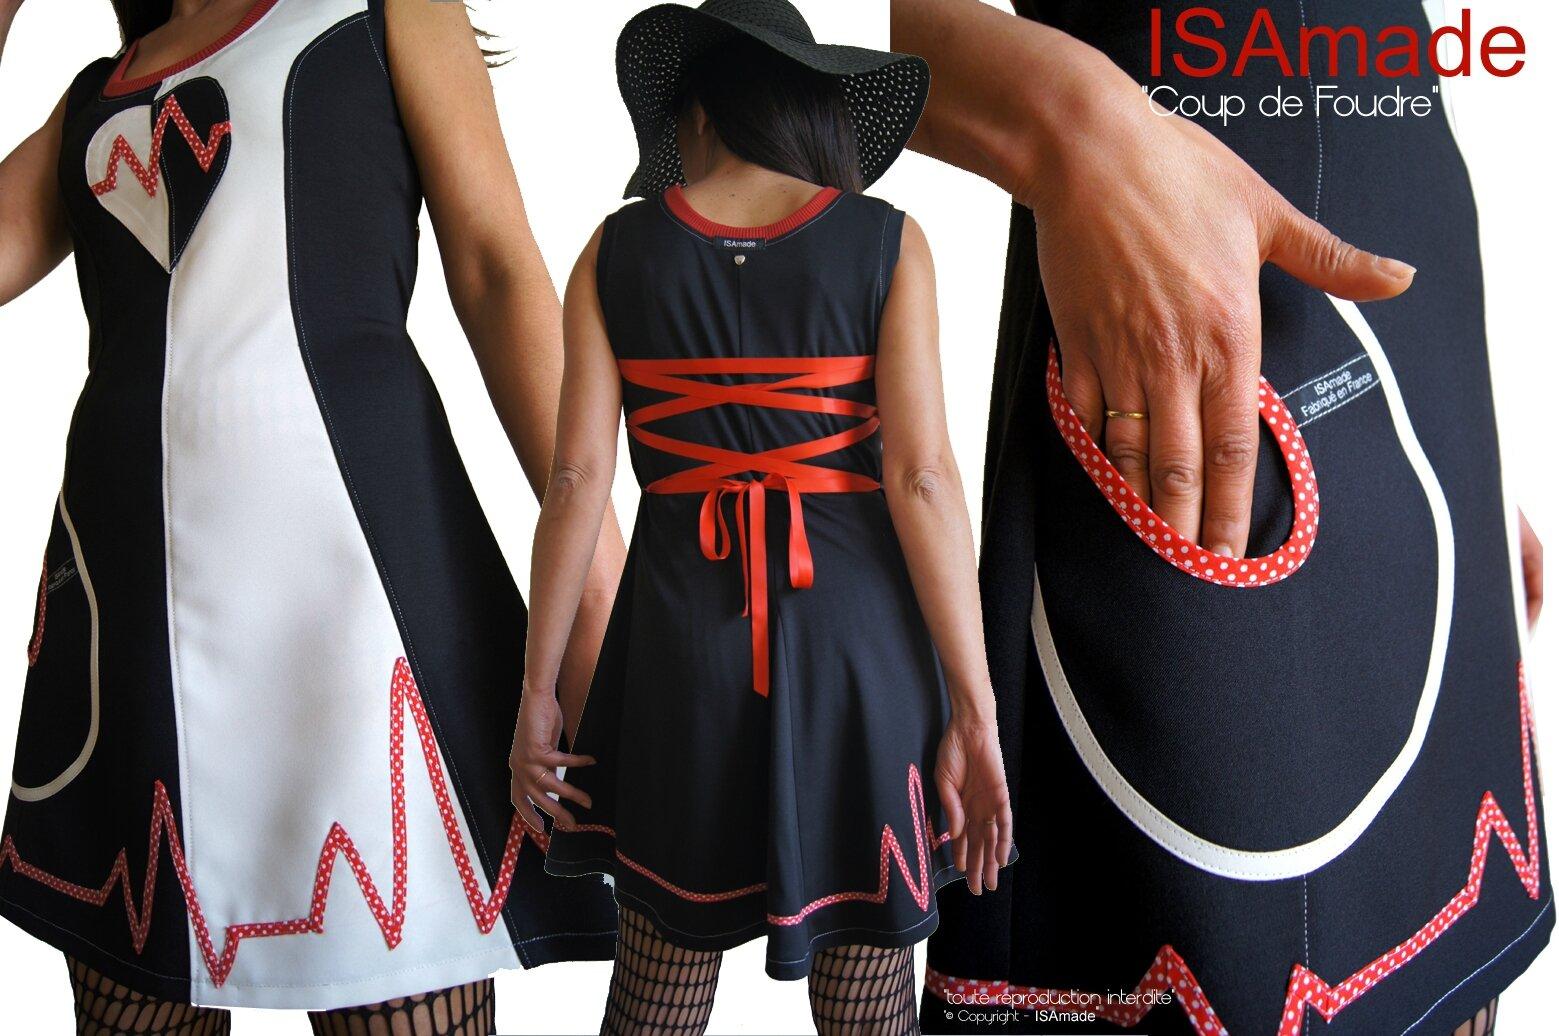 MOD 396B Robe Saint valentin Bicolore noir Blanc écru rouge à pois coeur made in France créateur mode 2016